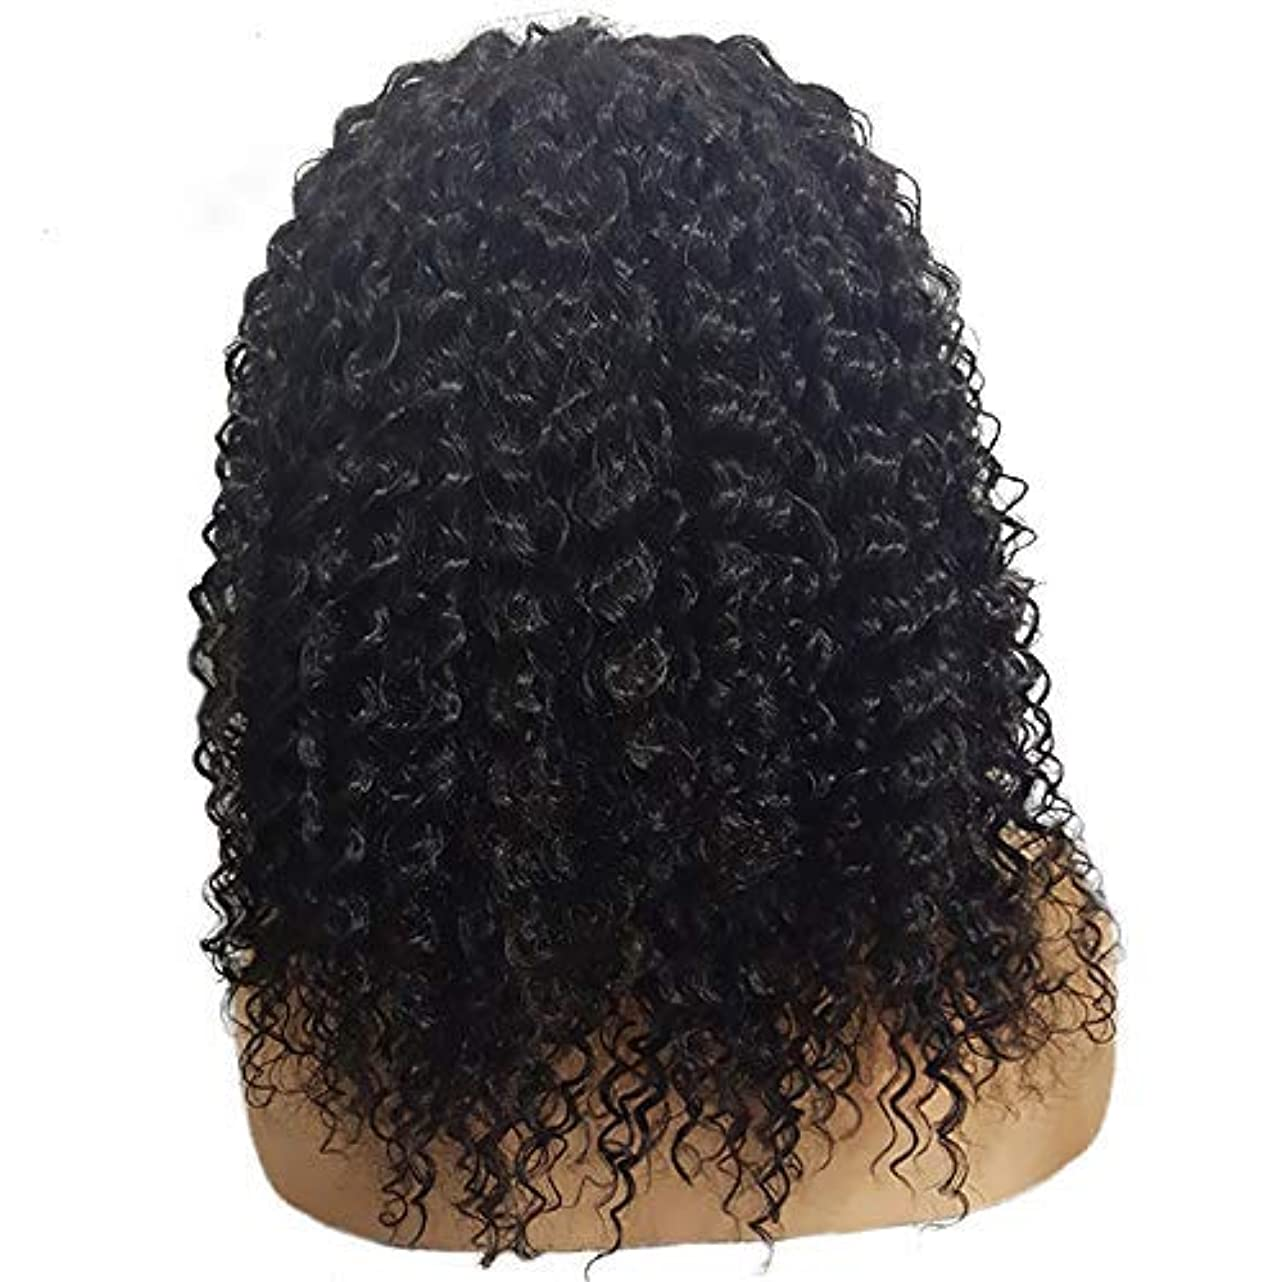 差し引くストレスの多い感謝するかつら短い巻き毛のかつらファッション化学繊維かつらフロントレース20インチ